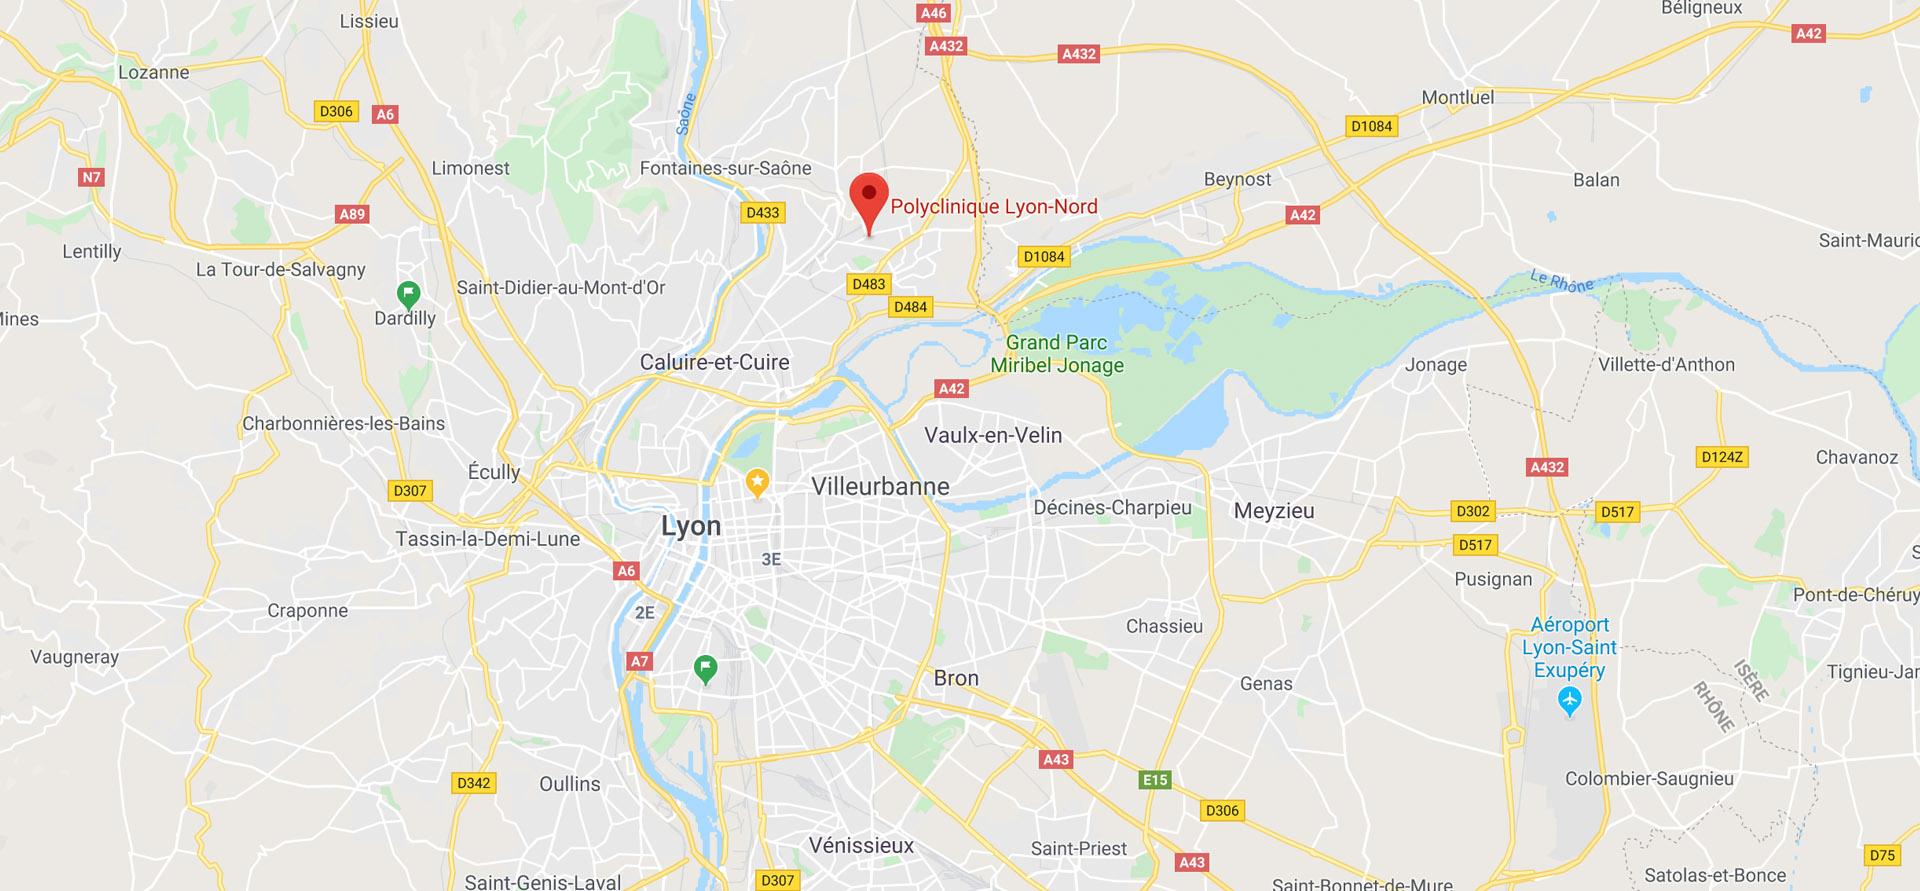 Polyclinique Lyon-Nord 65 rue des Contamines 69140 Rillieux-la-Pape